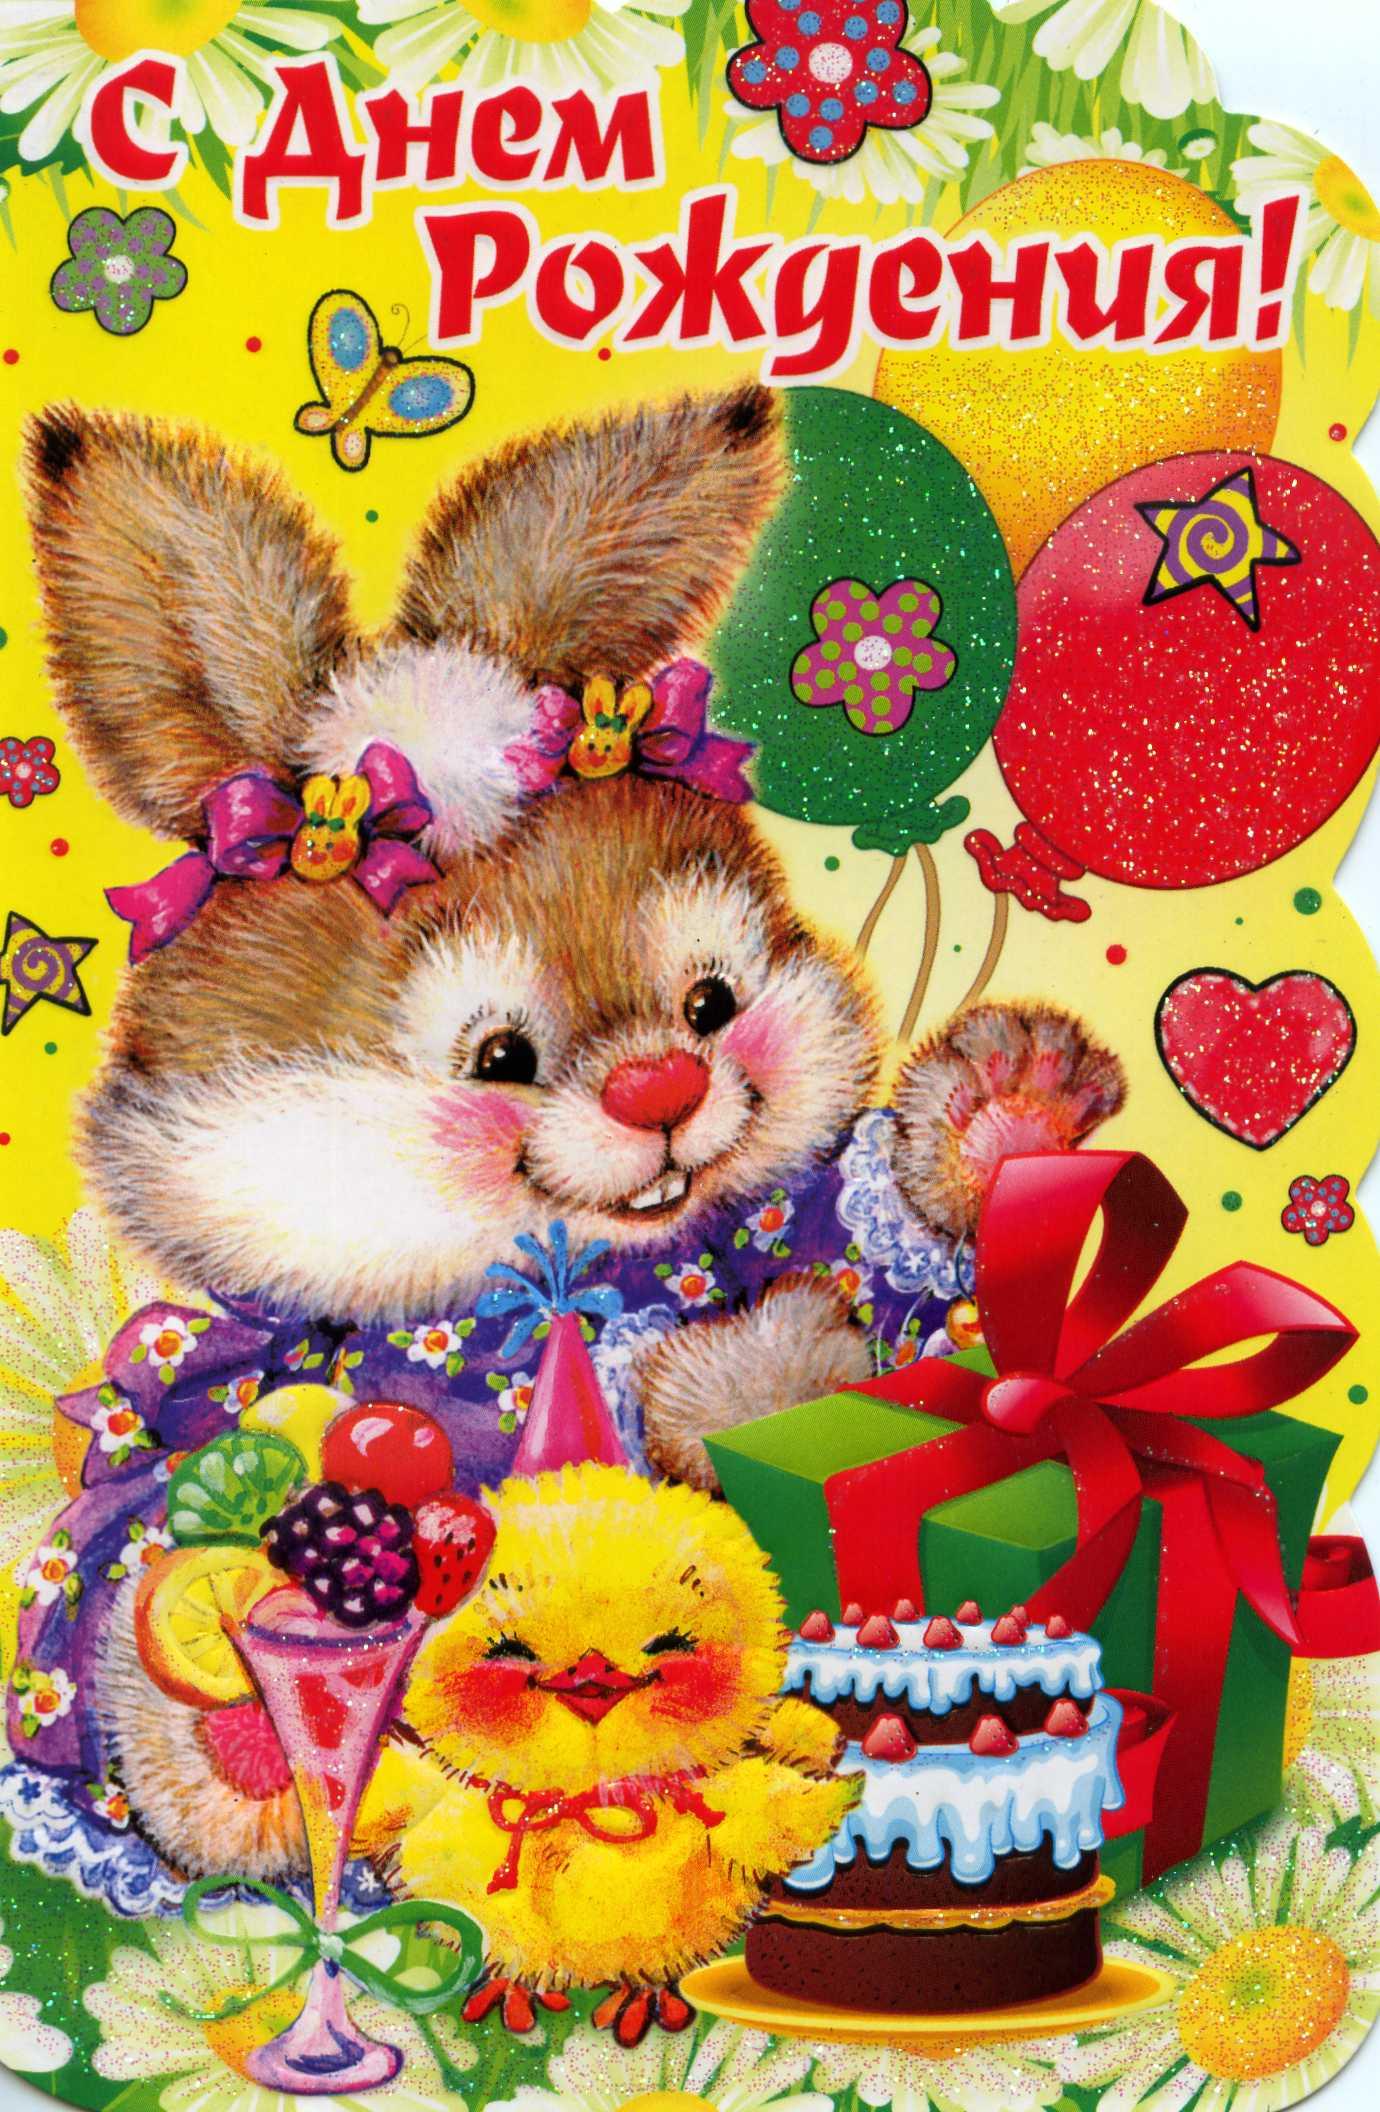 Детские поздравительные открытки с днем рождения 62